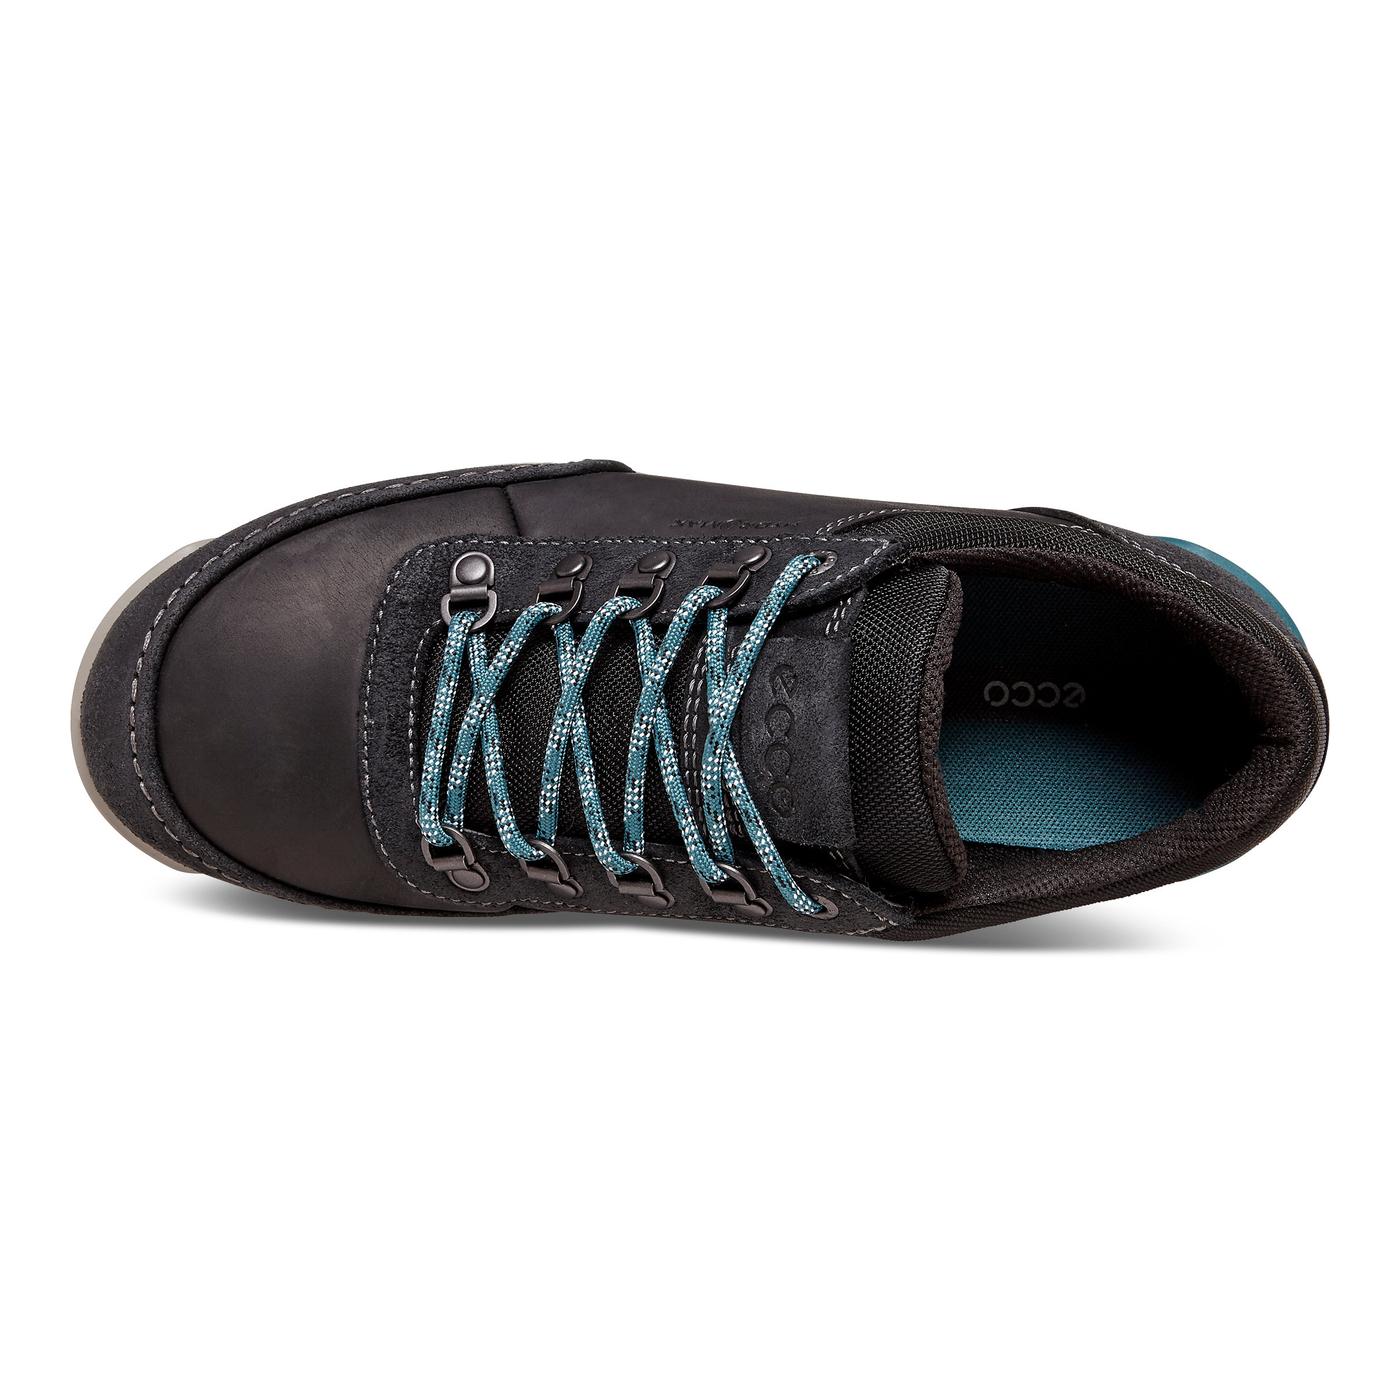 270e8f1f6993 ECCO Mens Oregon Retro Sneaker